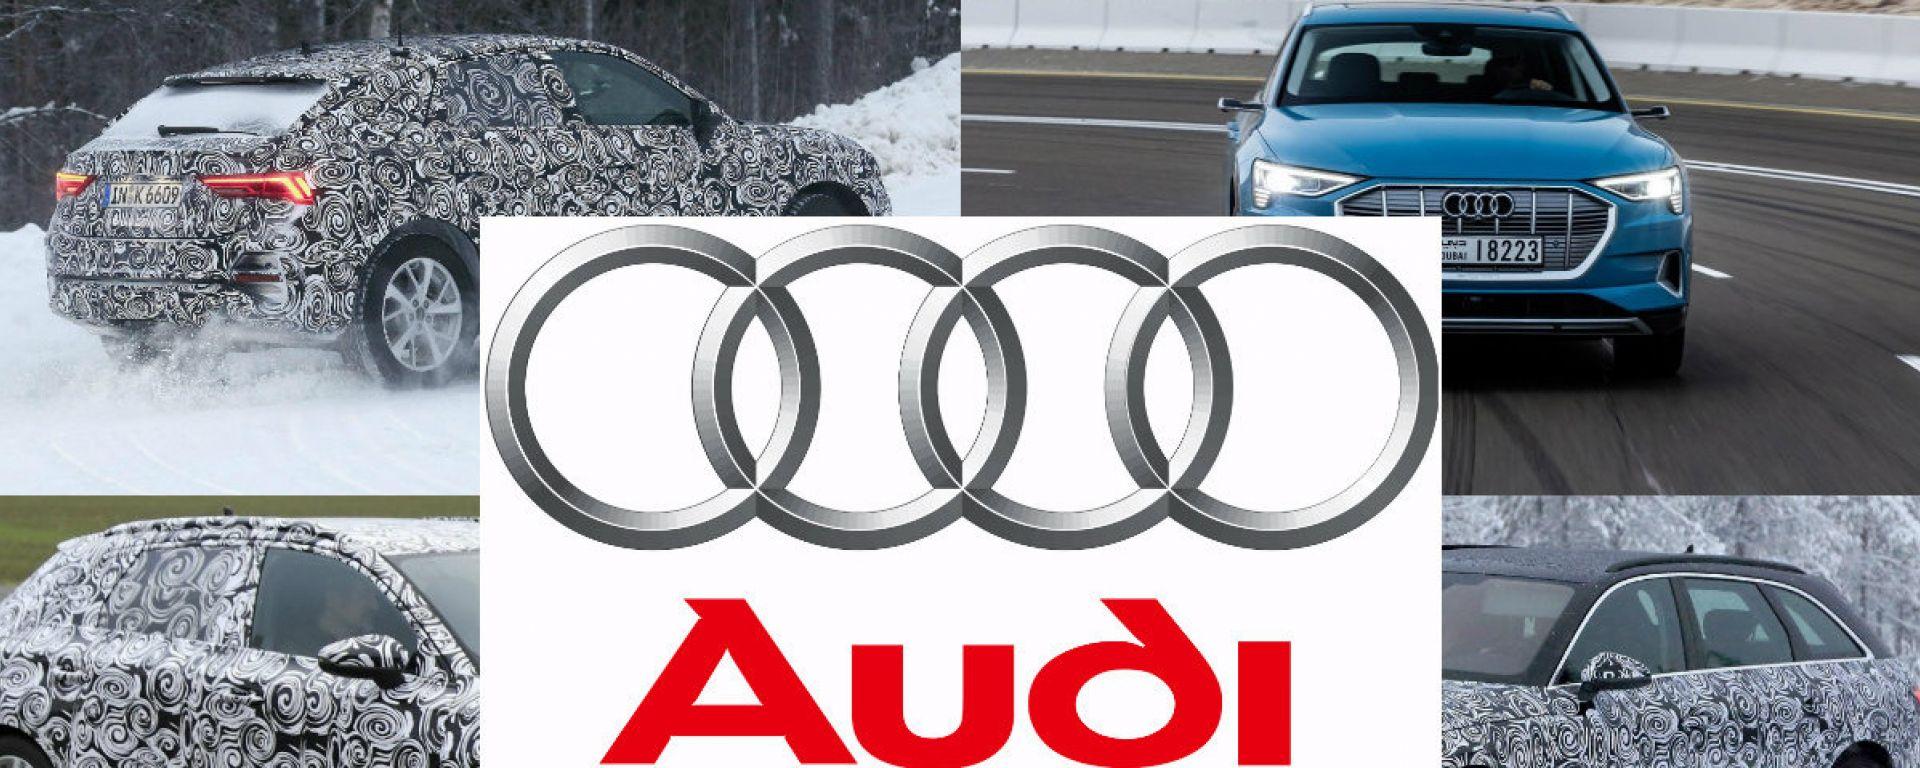 Audi Novità 2019 In Uscita Q4 Nuova A3 A6 Allroad E Altre Motorbox